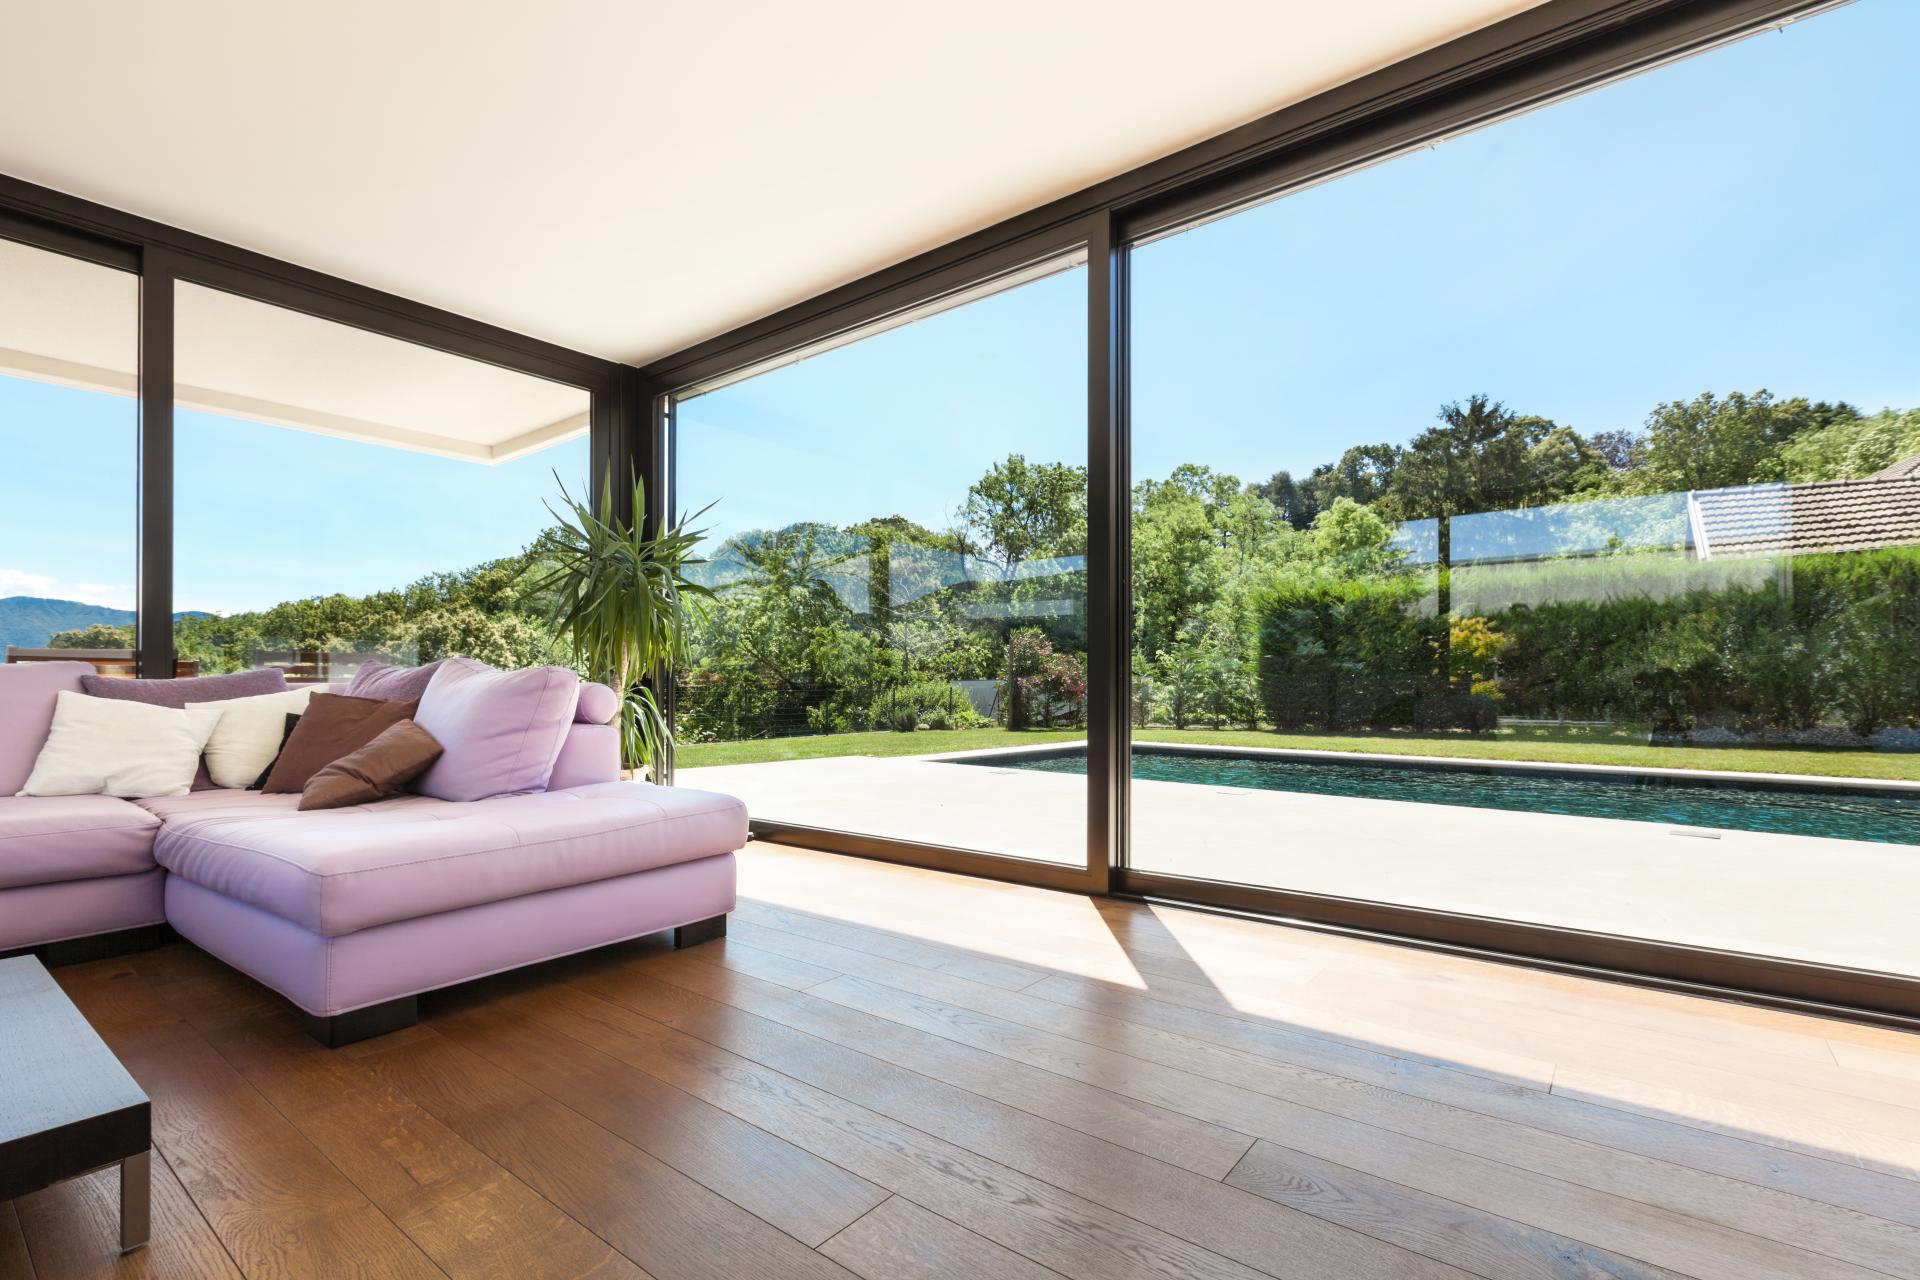 Toló ajtó rendszer luxuslakásban, rózsaszín kanapé mögött, medencés fákkal teli udvarra nézve